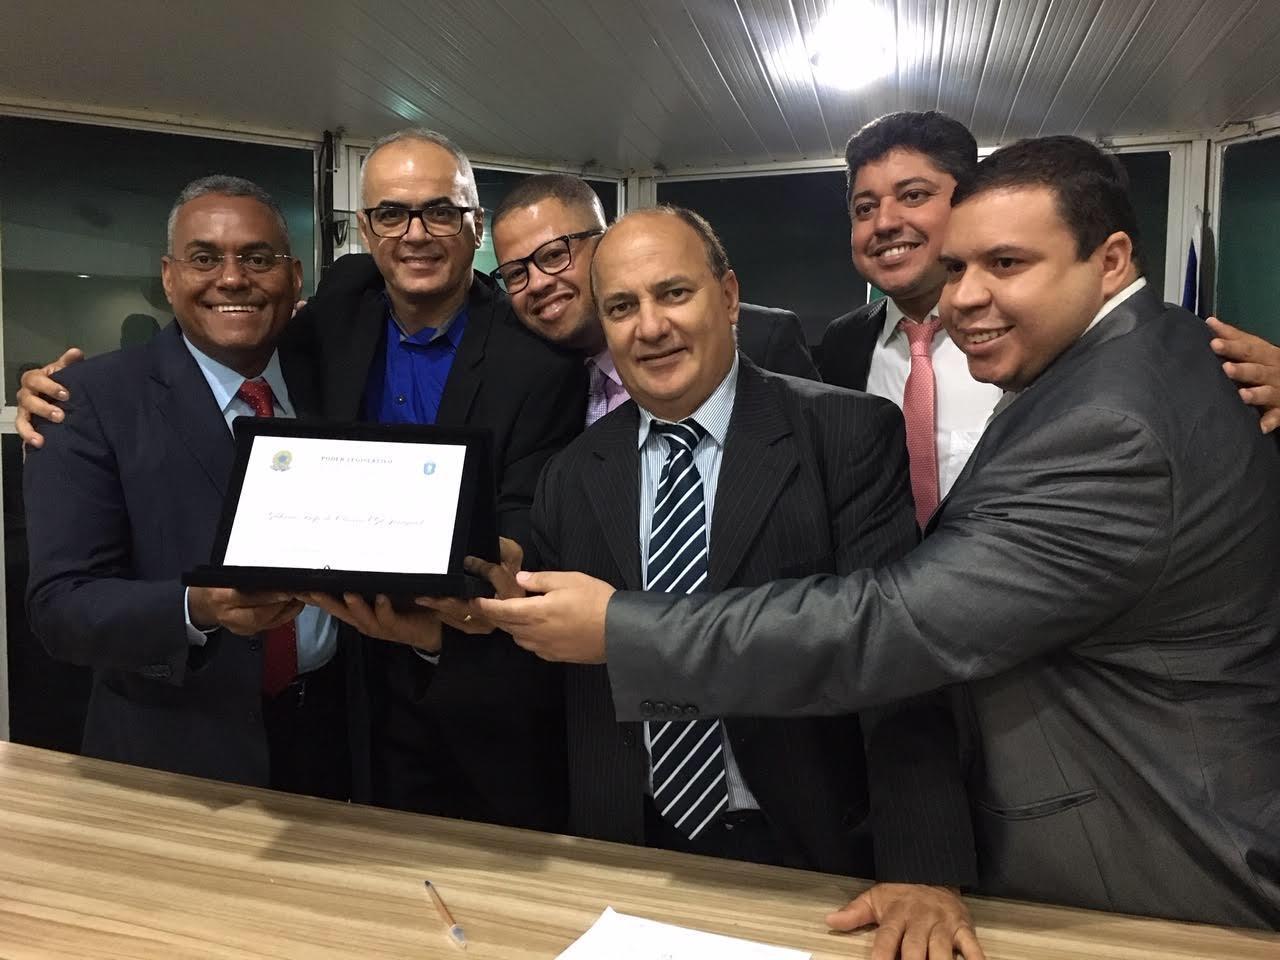 Câmara realiza entrega de Título de Cidadão à Gil Jaraguá